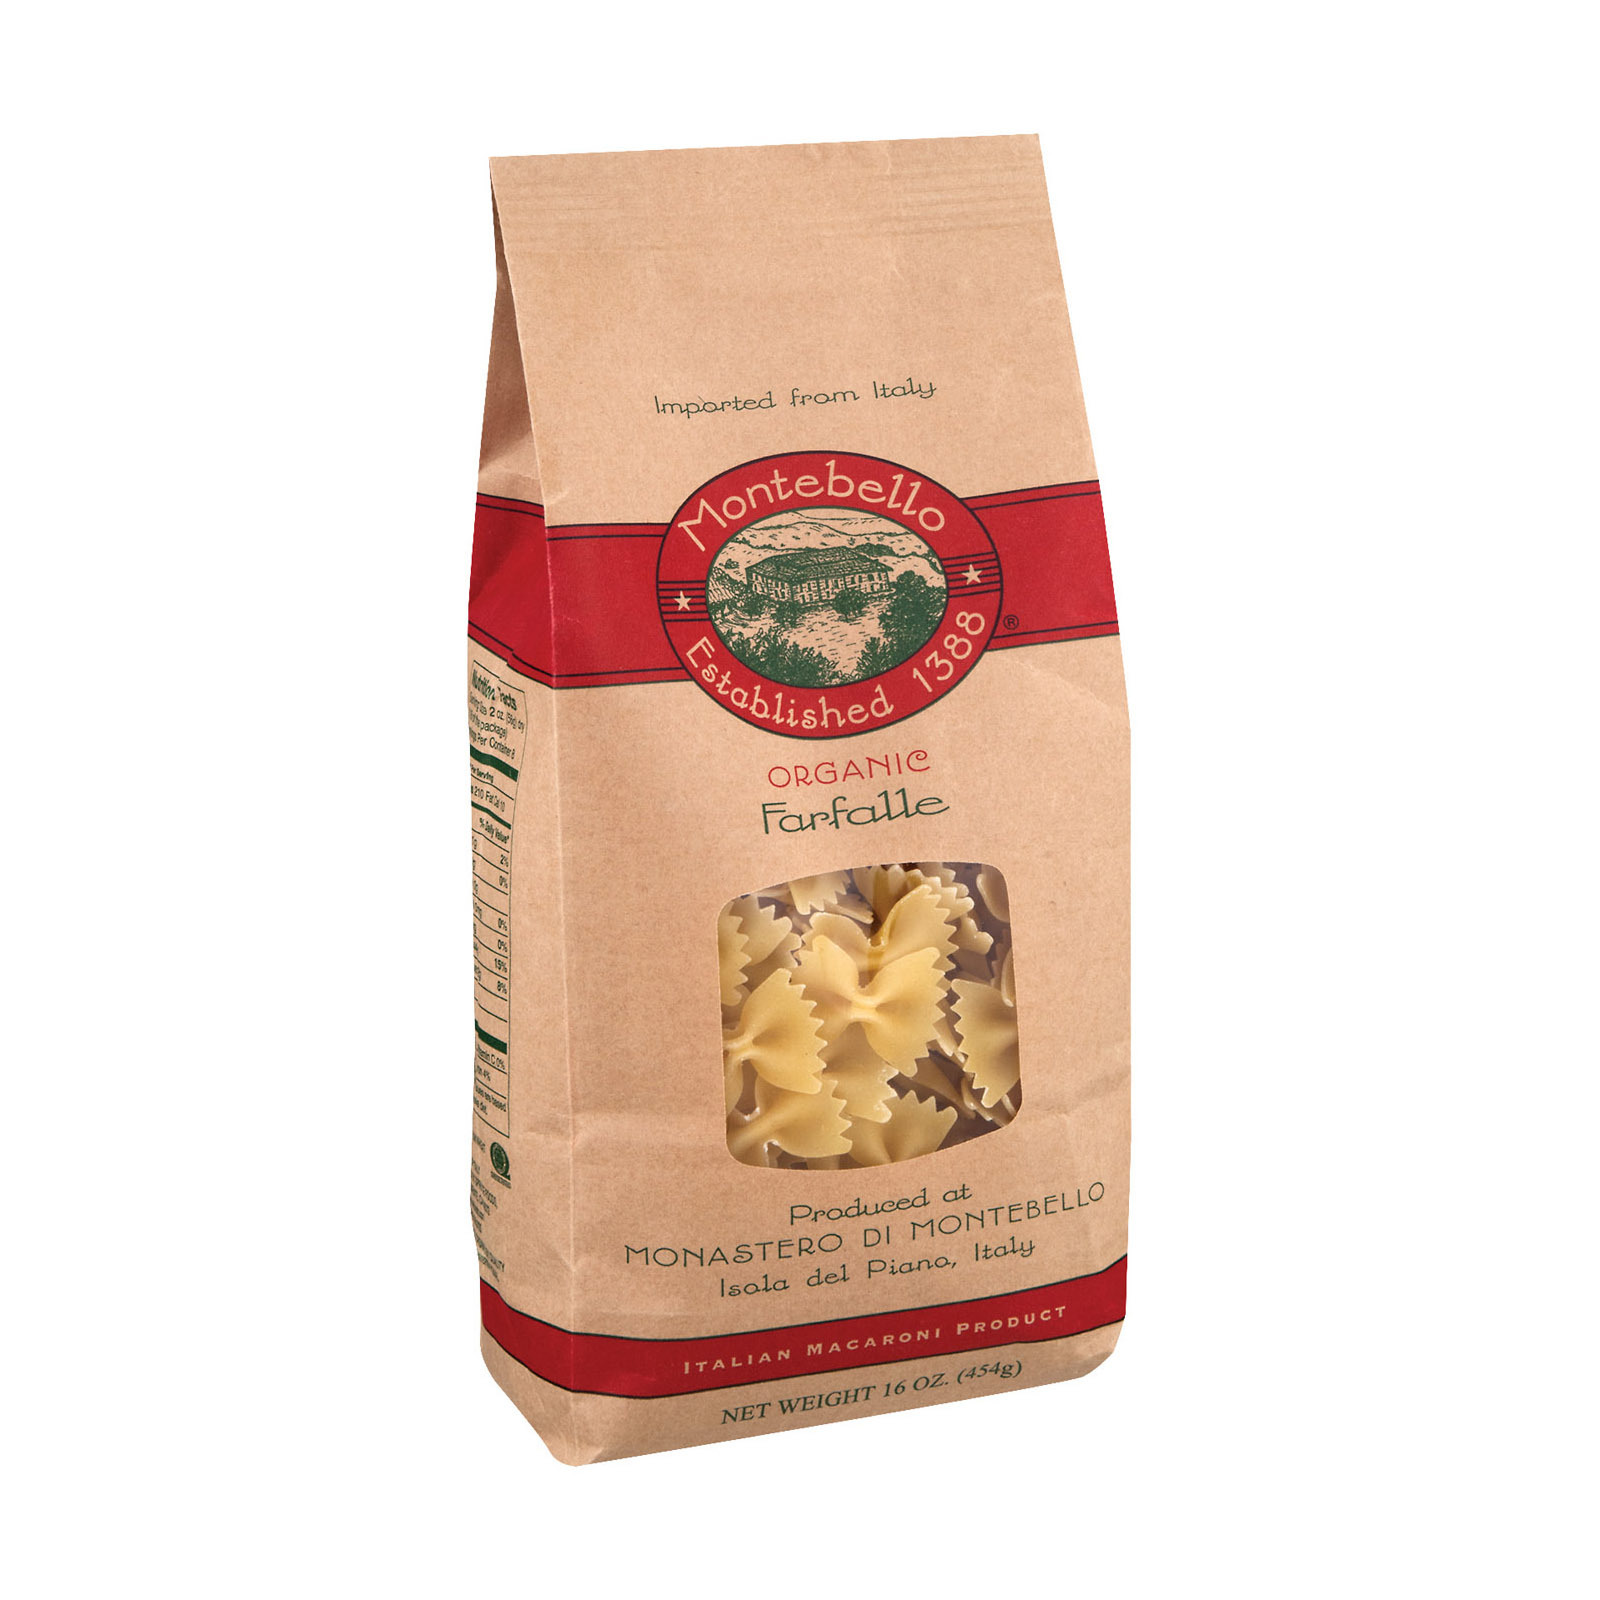 Montebello Organic Pasta - Farfalle - Case of 12 - 1 lb.